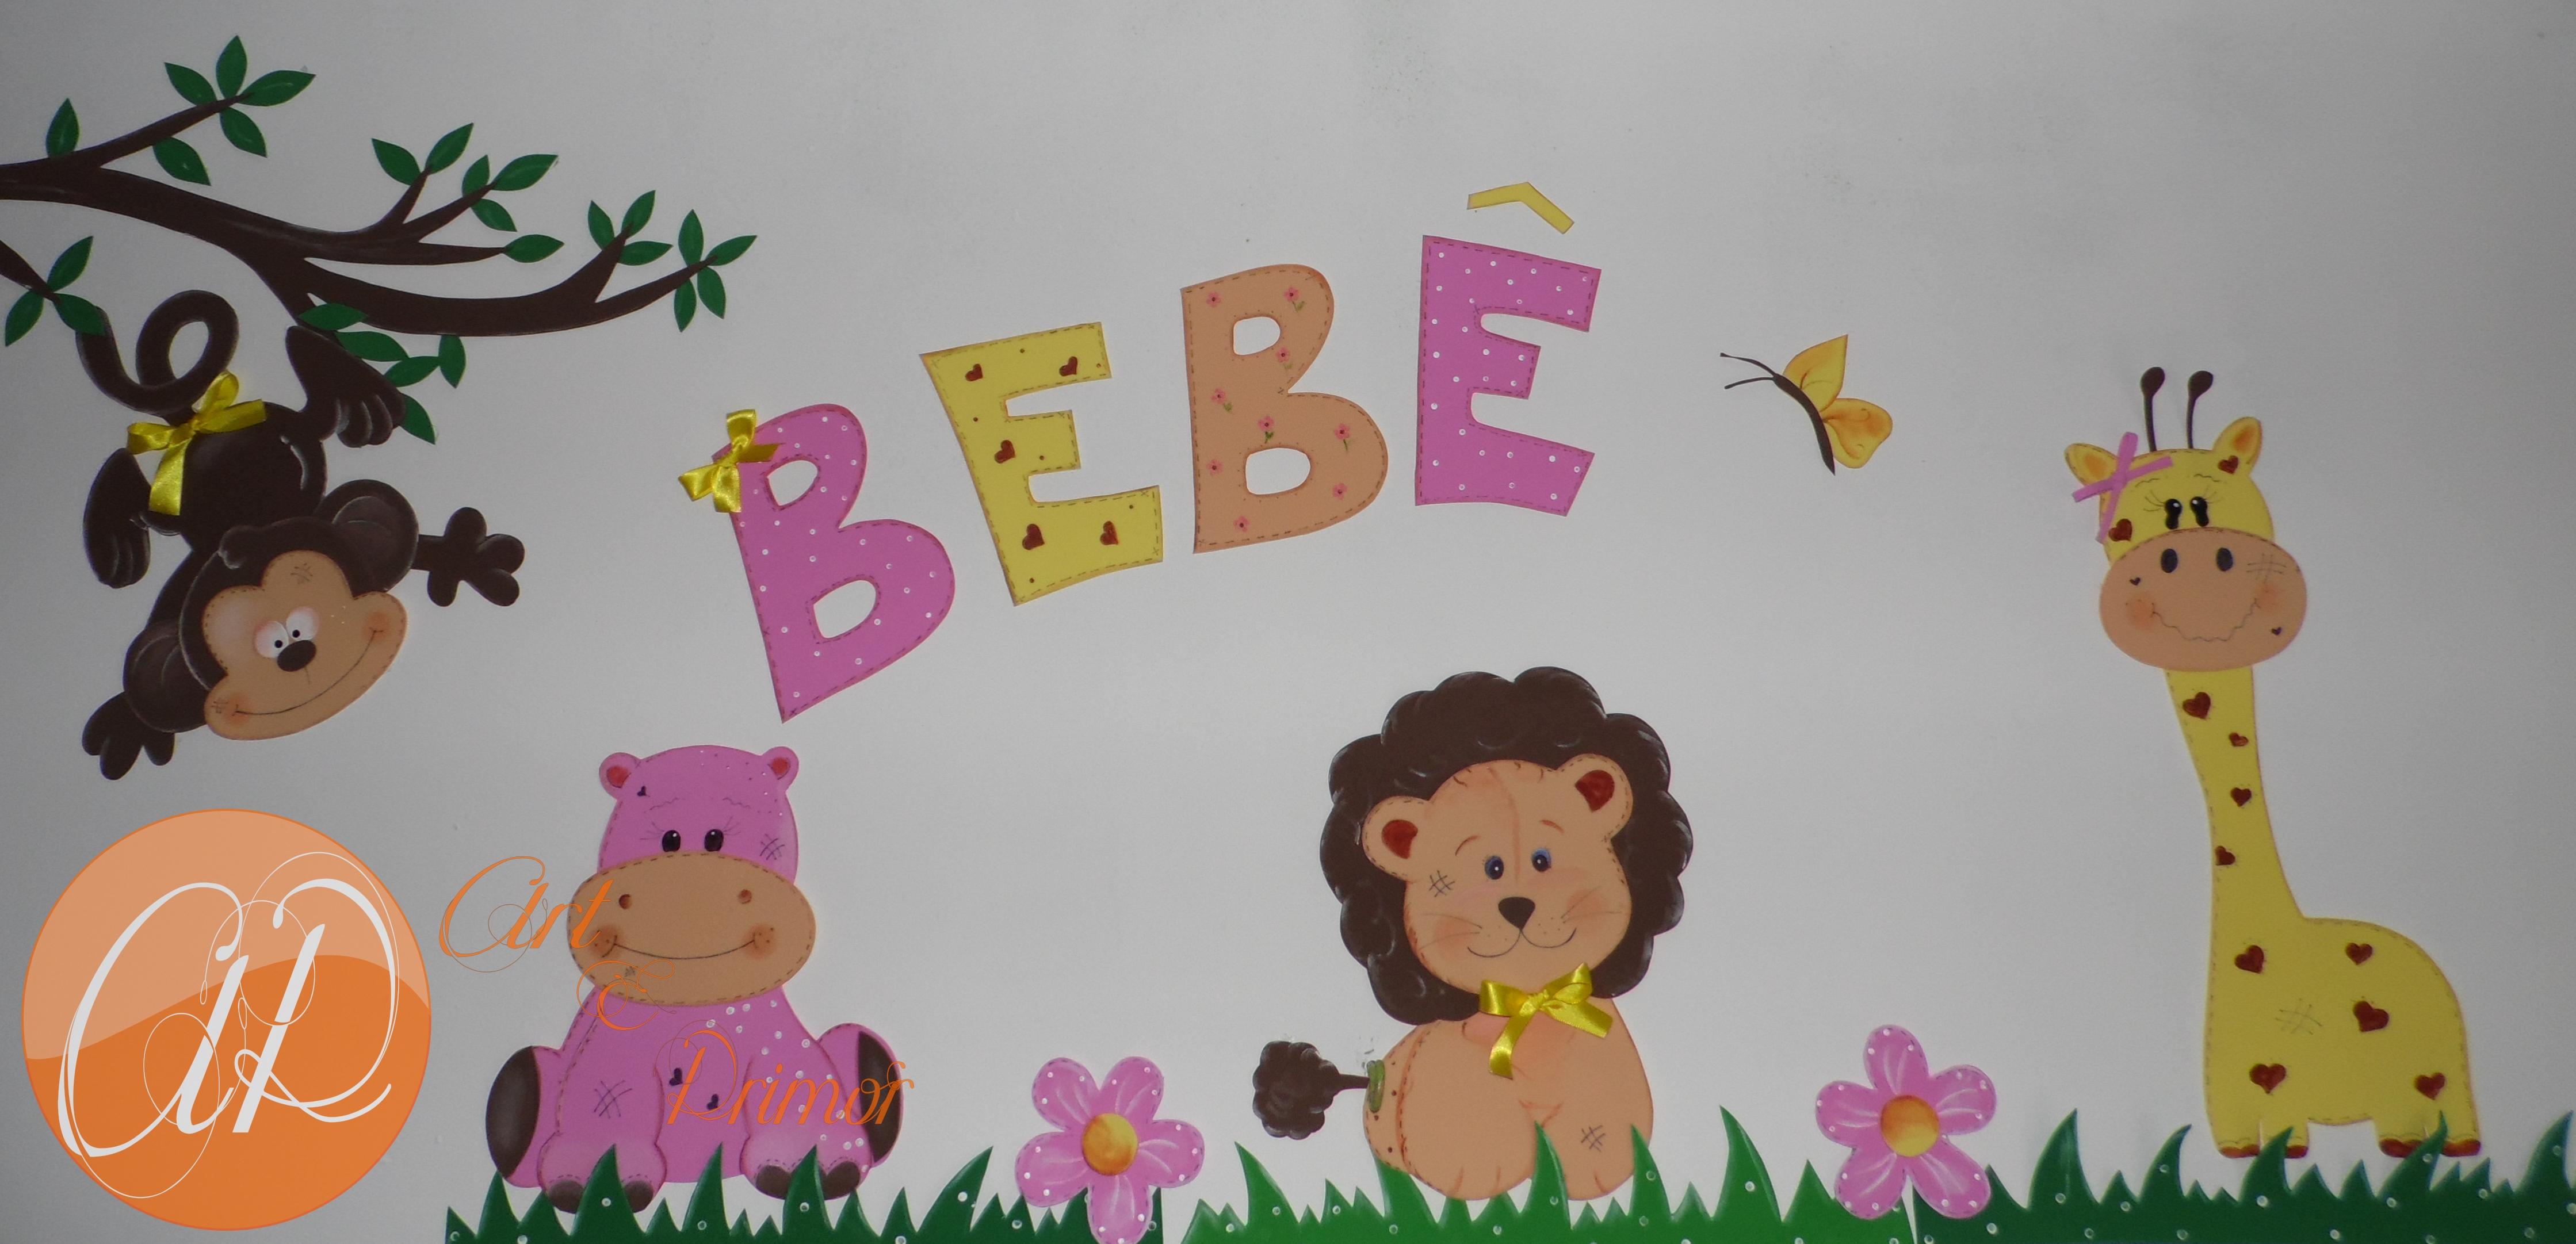 Enfeites Para Quarto De Bebe De Eva ~ enfeite quarto de bebe safari aplique de eva safari enfeite quarto de